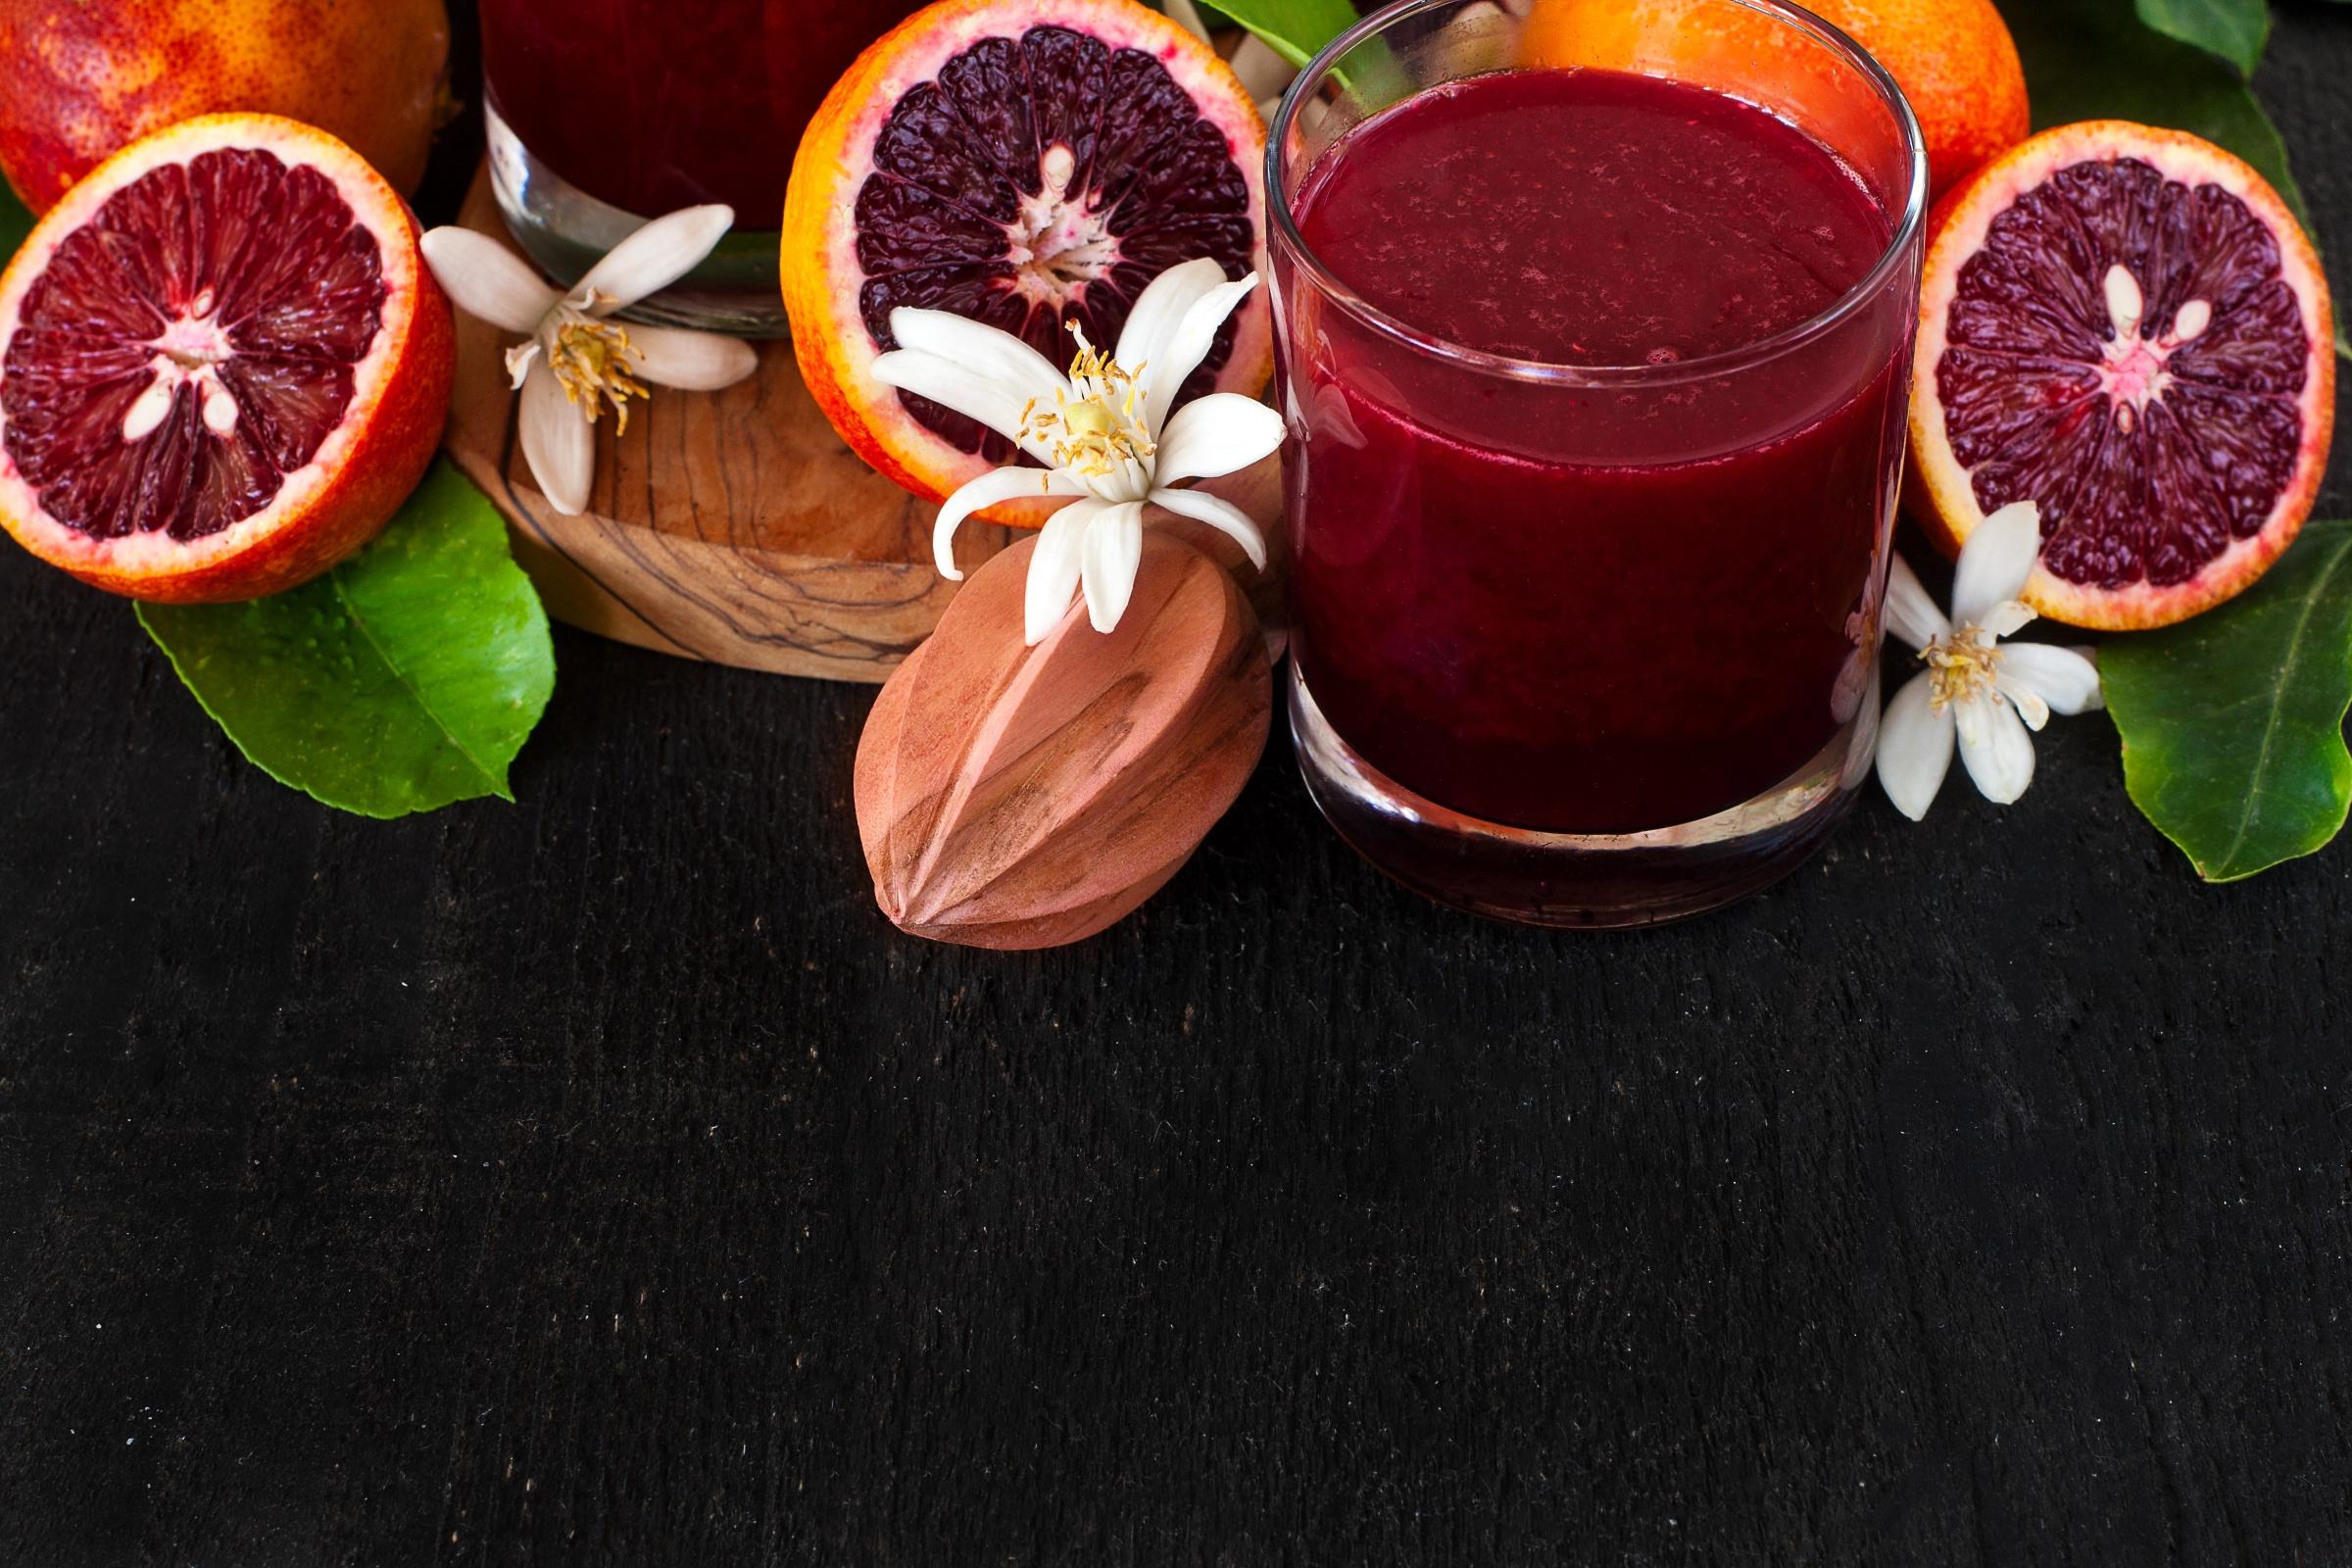 Обои напиток, стол, фрукты, цветы, фрукт дракона, апельсин, арбуз. Еда foto 19